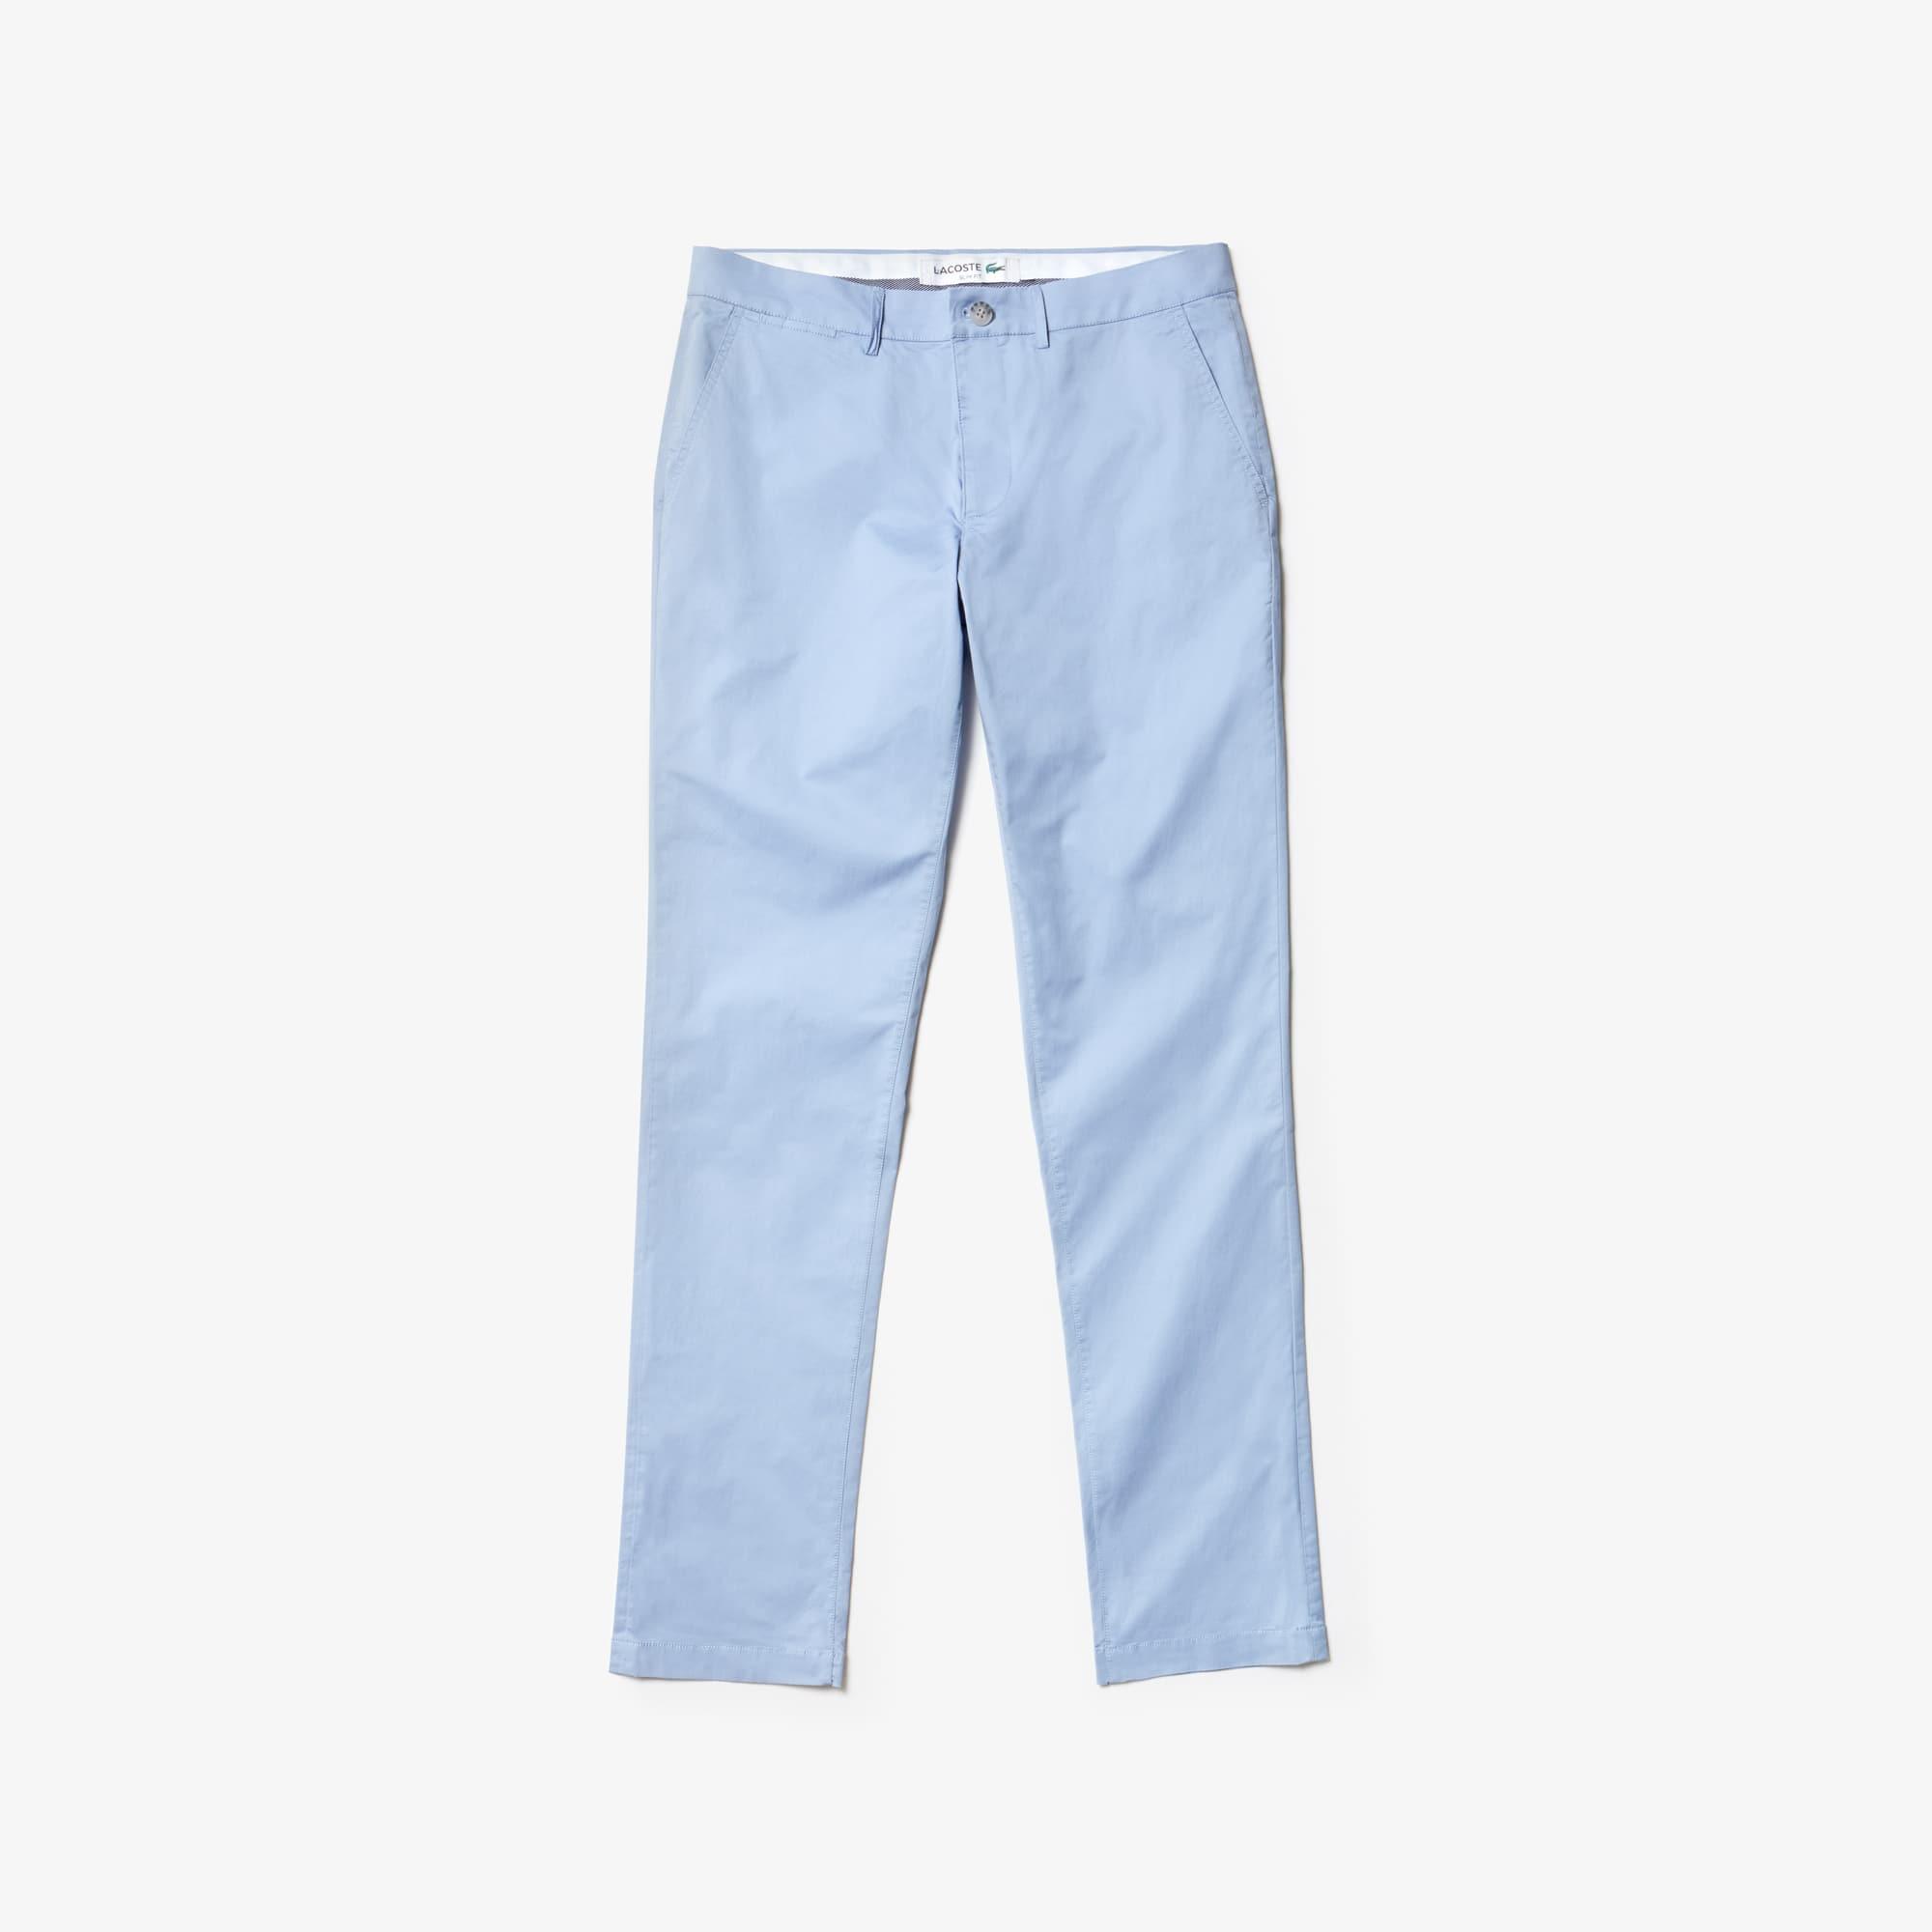 95f34665 Men's Slim Fit Stretch Cotton Pants